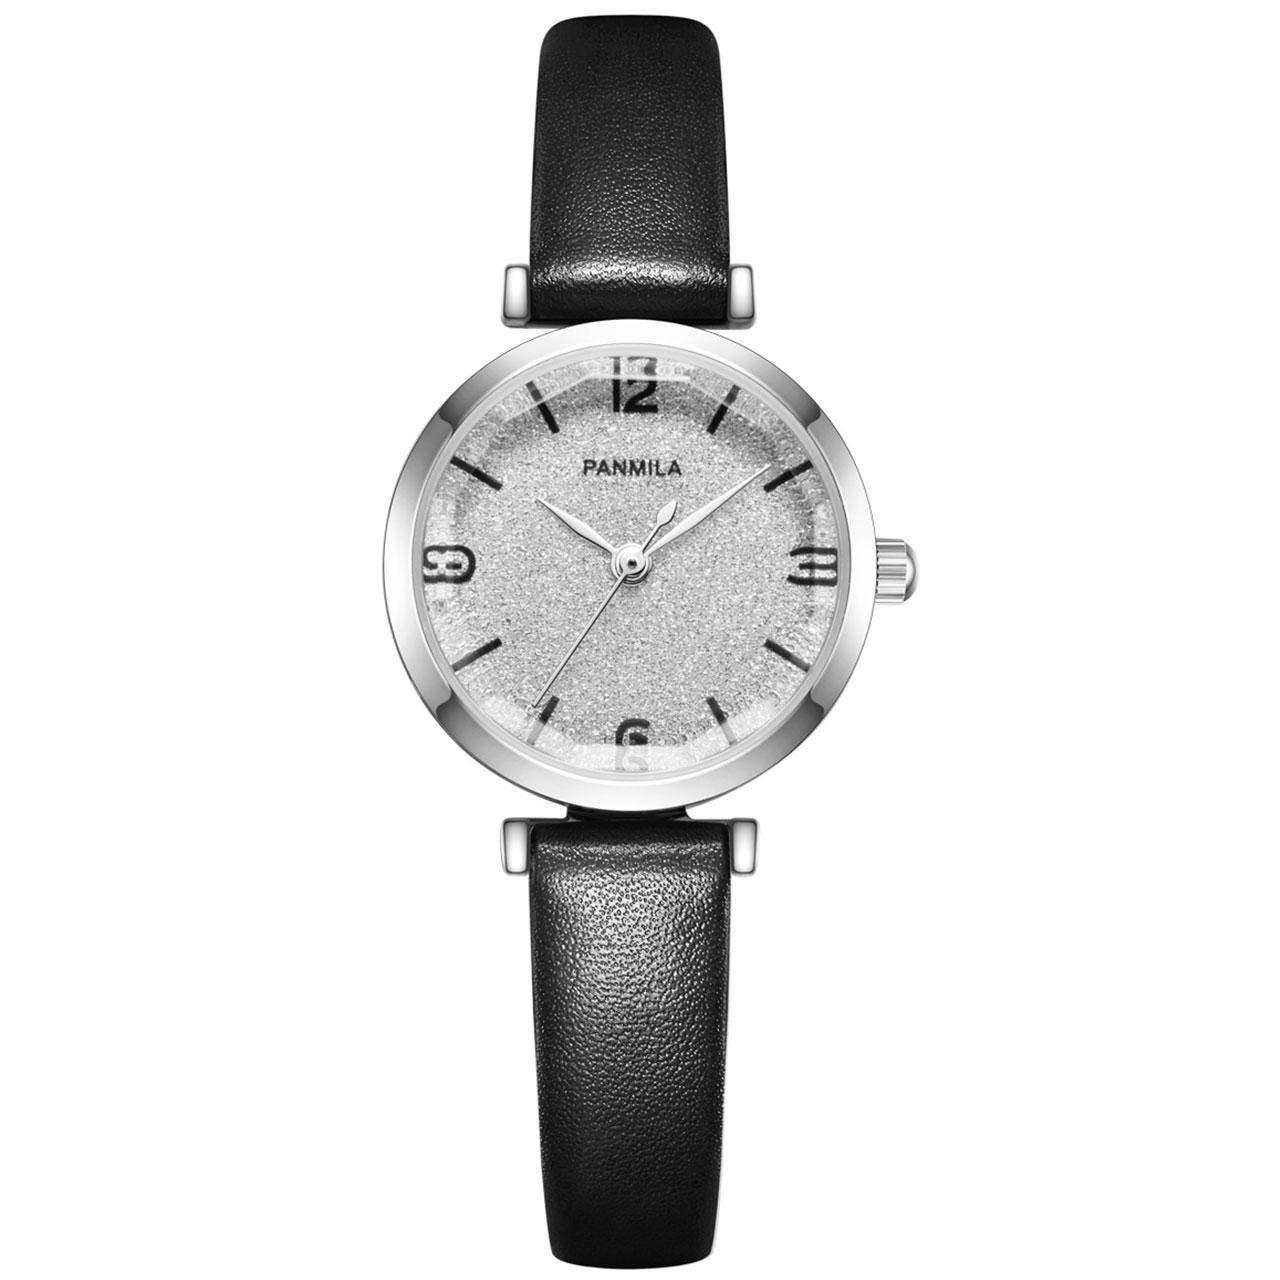 ساعت مچی عقربه ای زنانه پانمیلا مدل P0163S-DZ1WHW